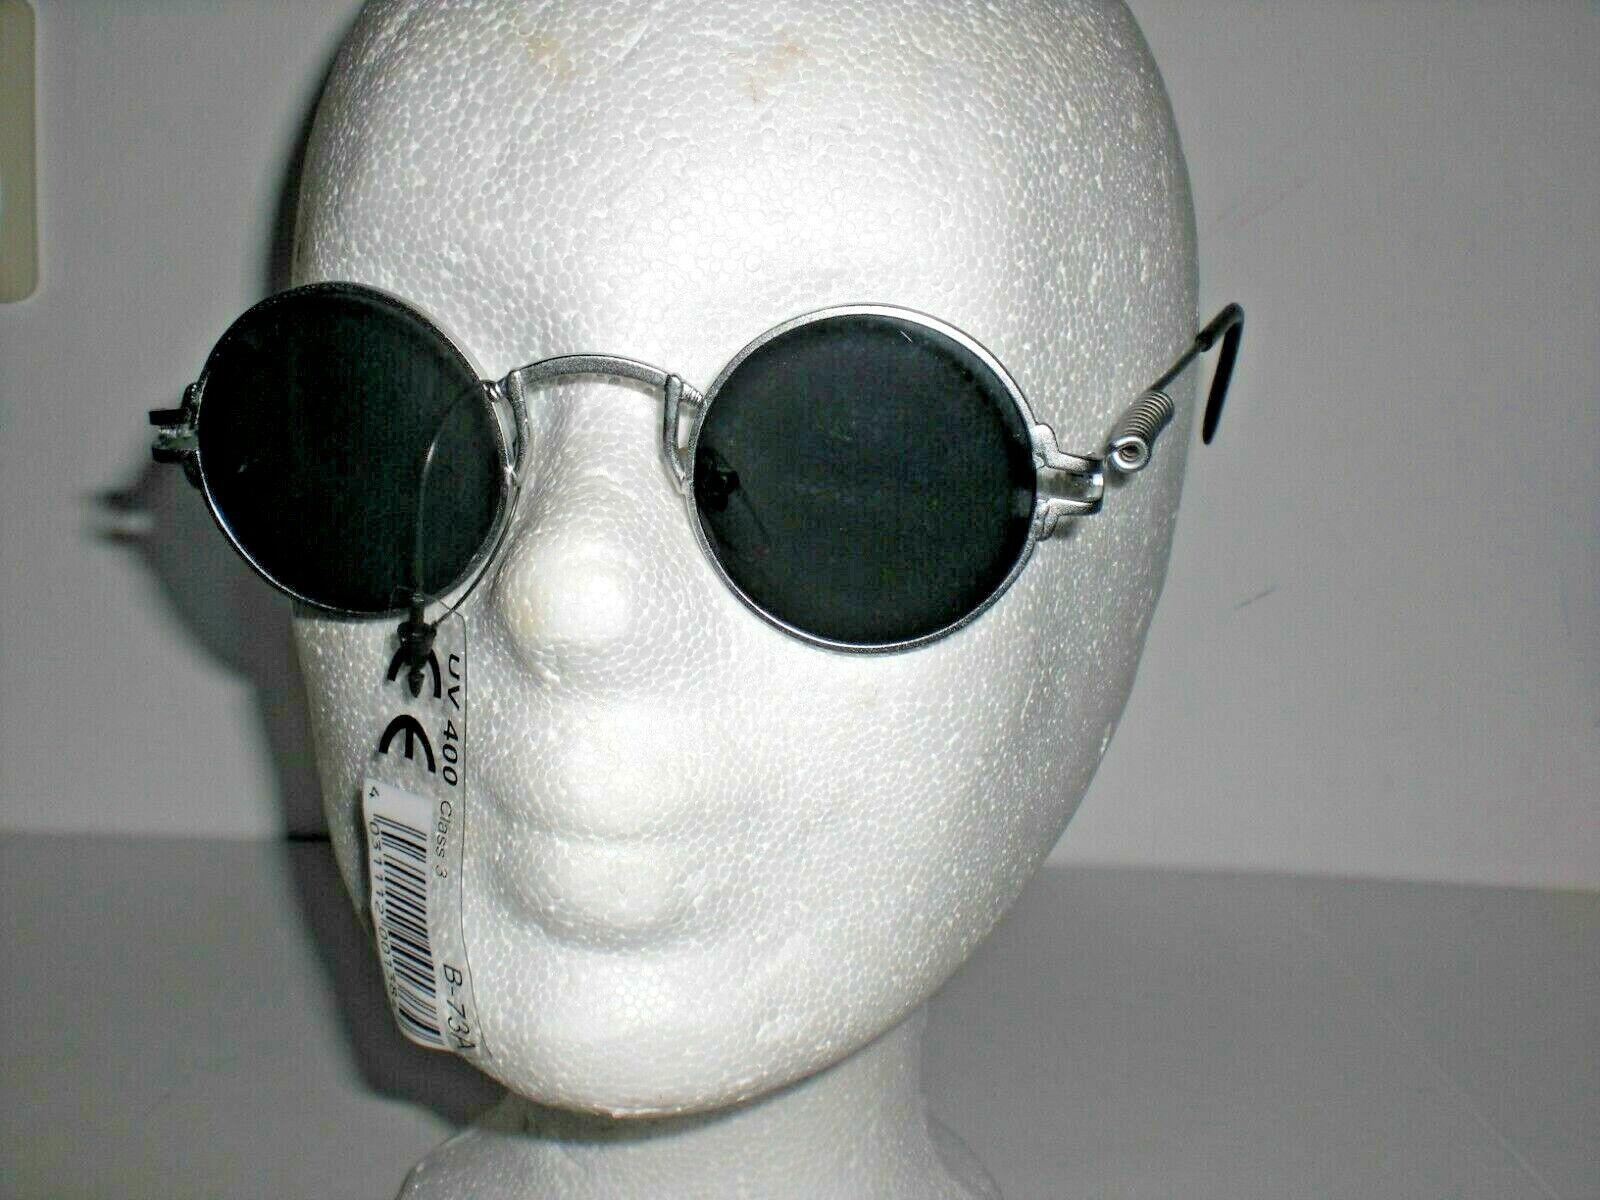 Sonnenbrille silberfarbig, runde Gläser, Metallrahmen, dunkle Gläser, mit Feder